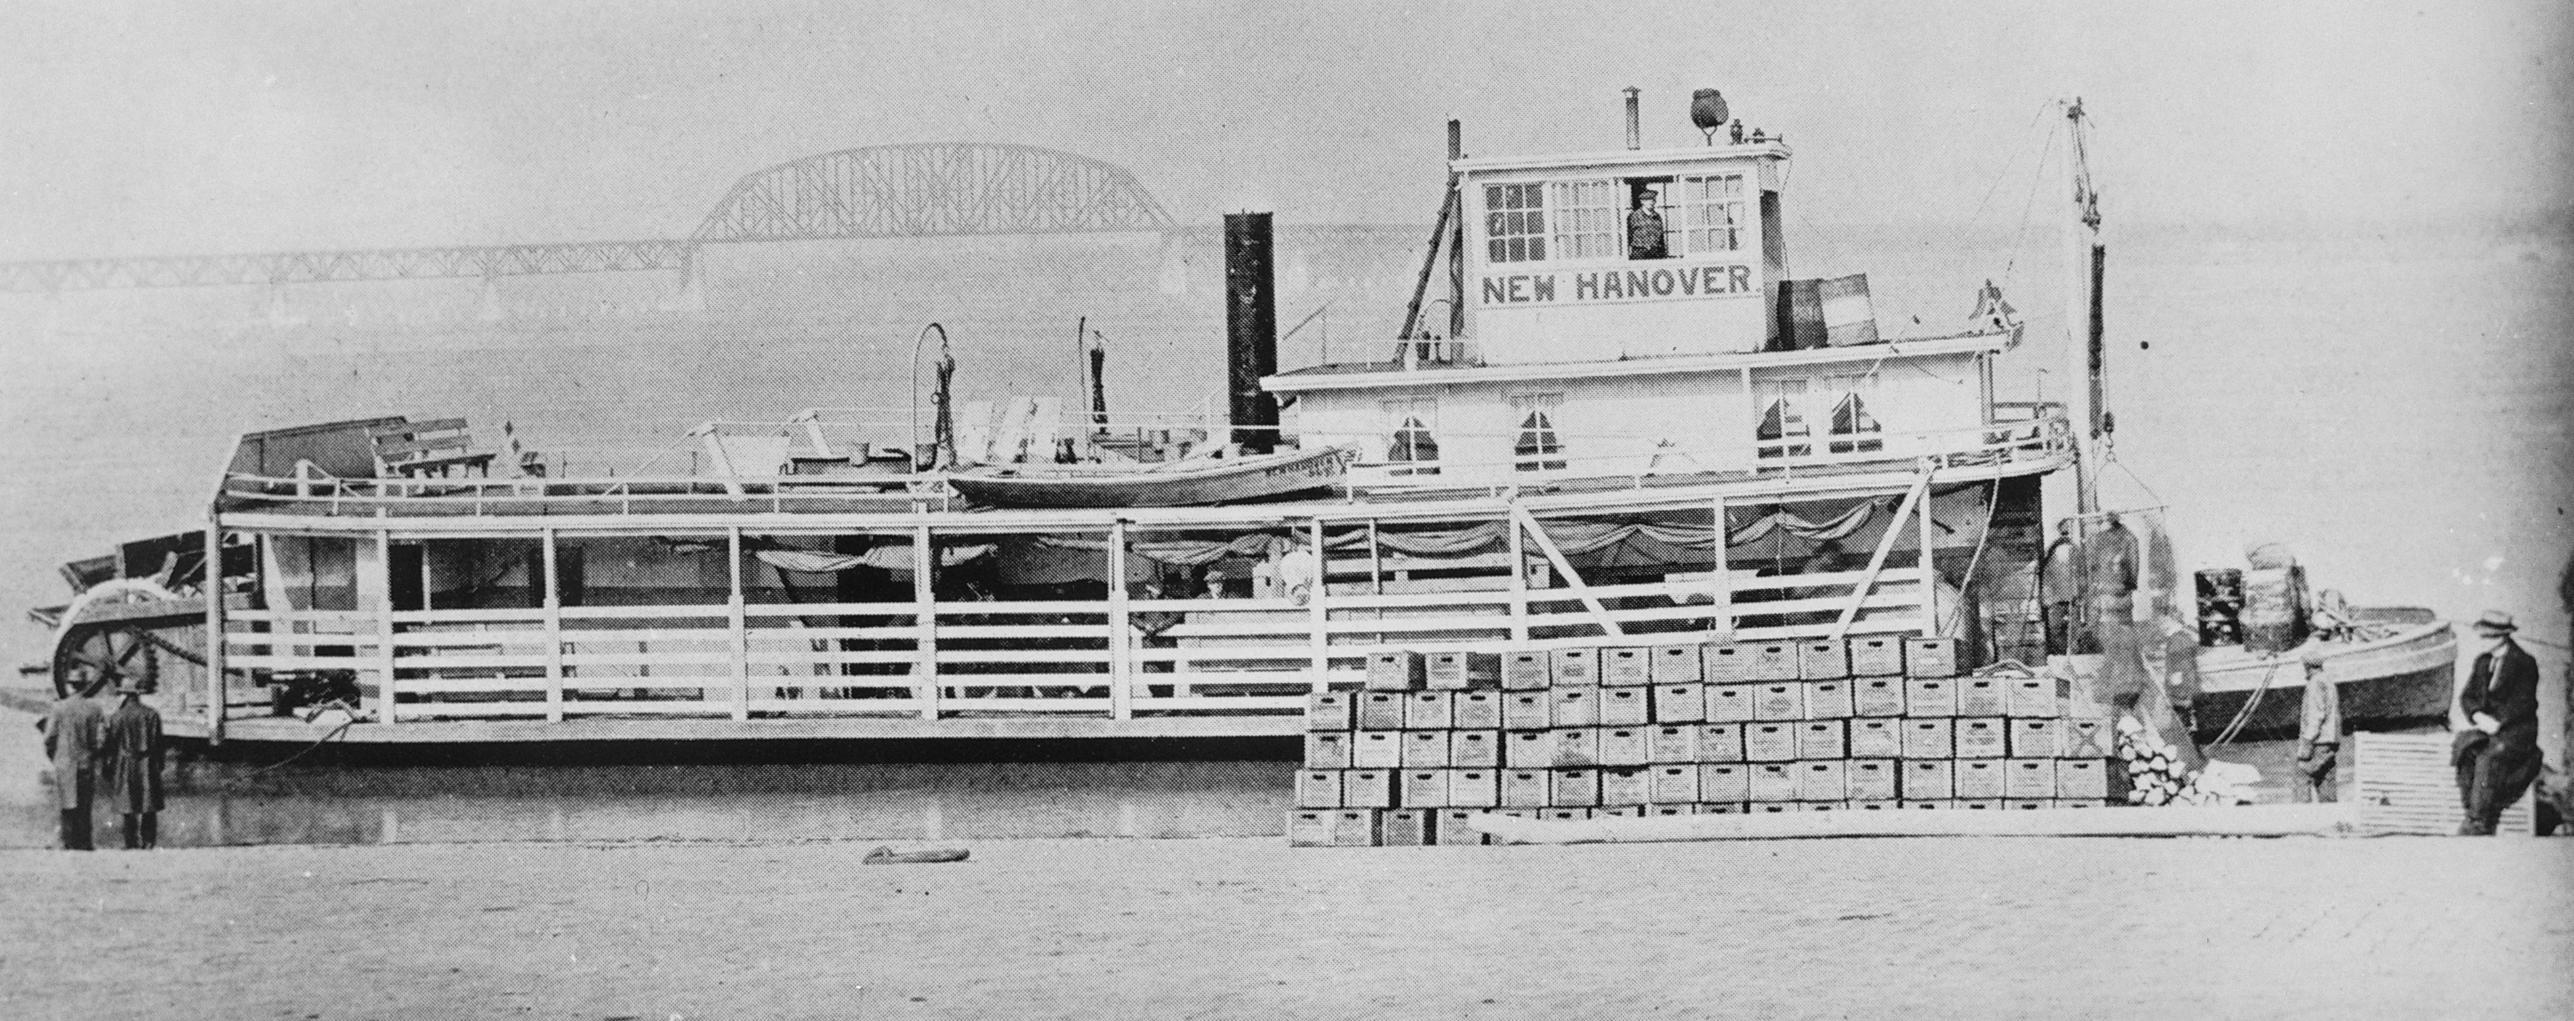 New Hanover (Towboat/Packet)